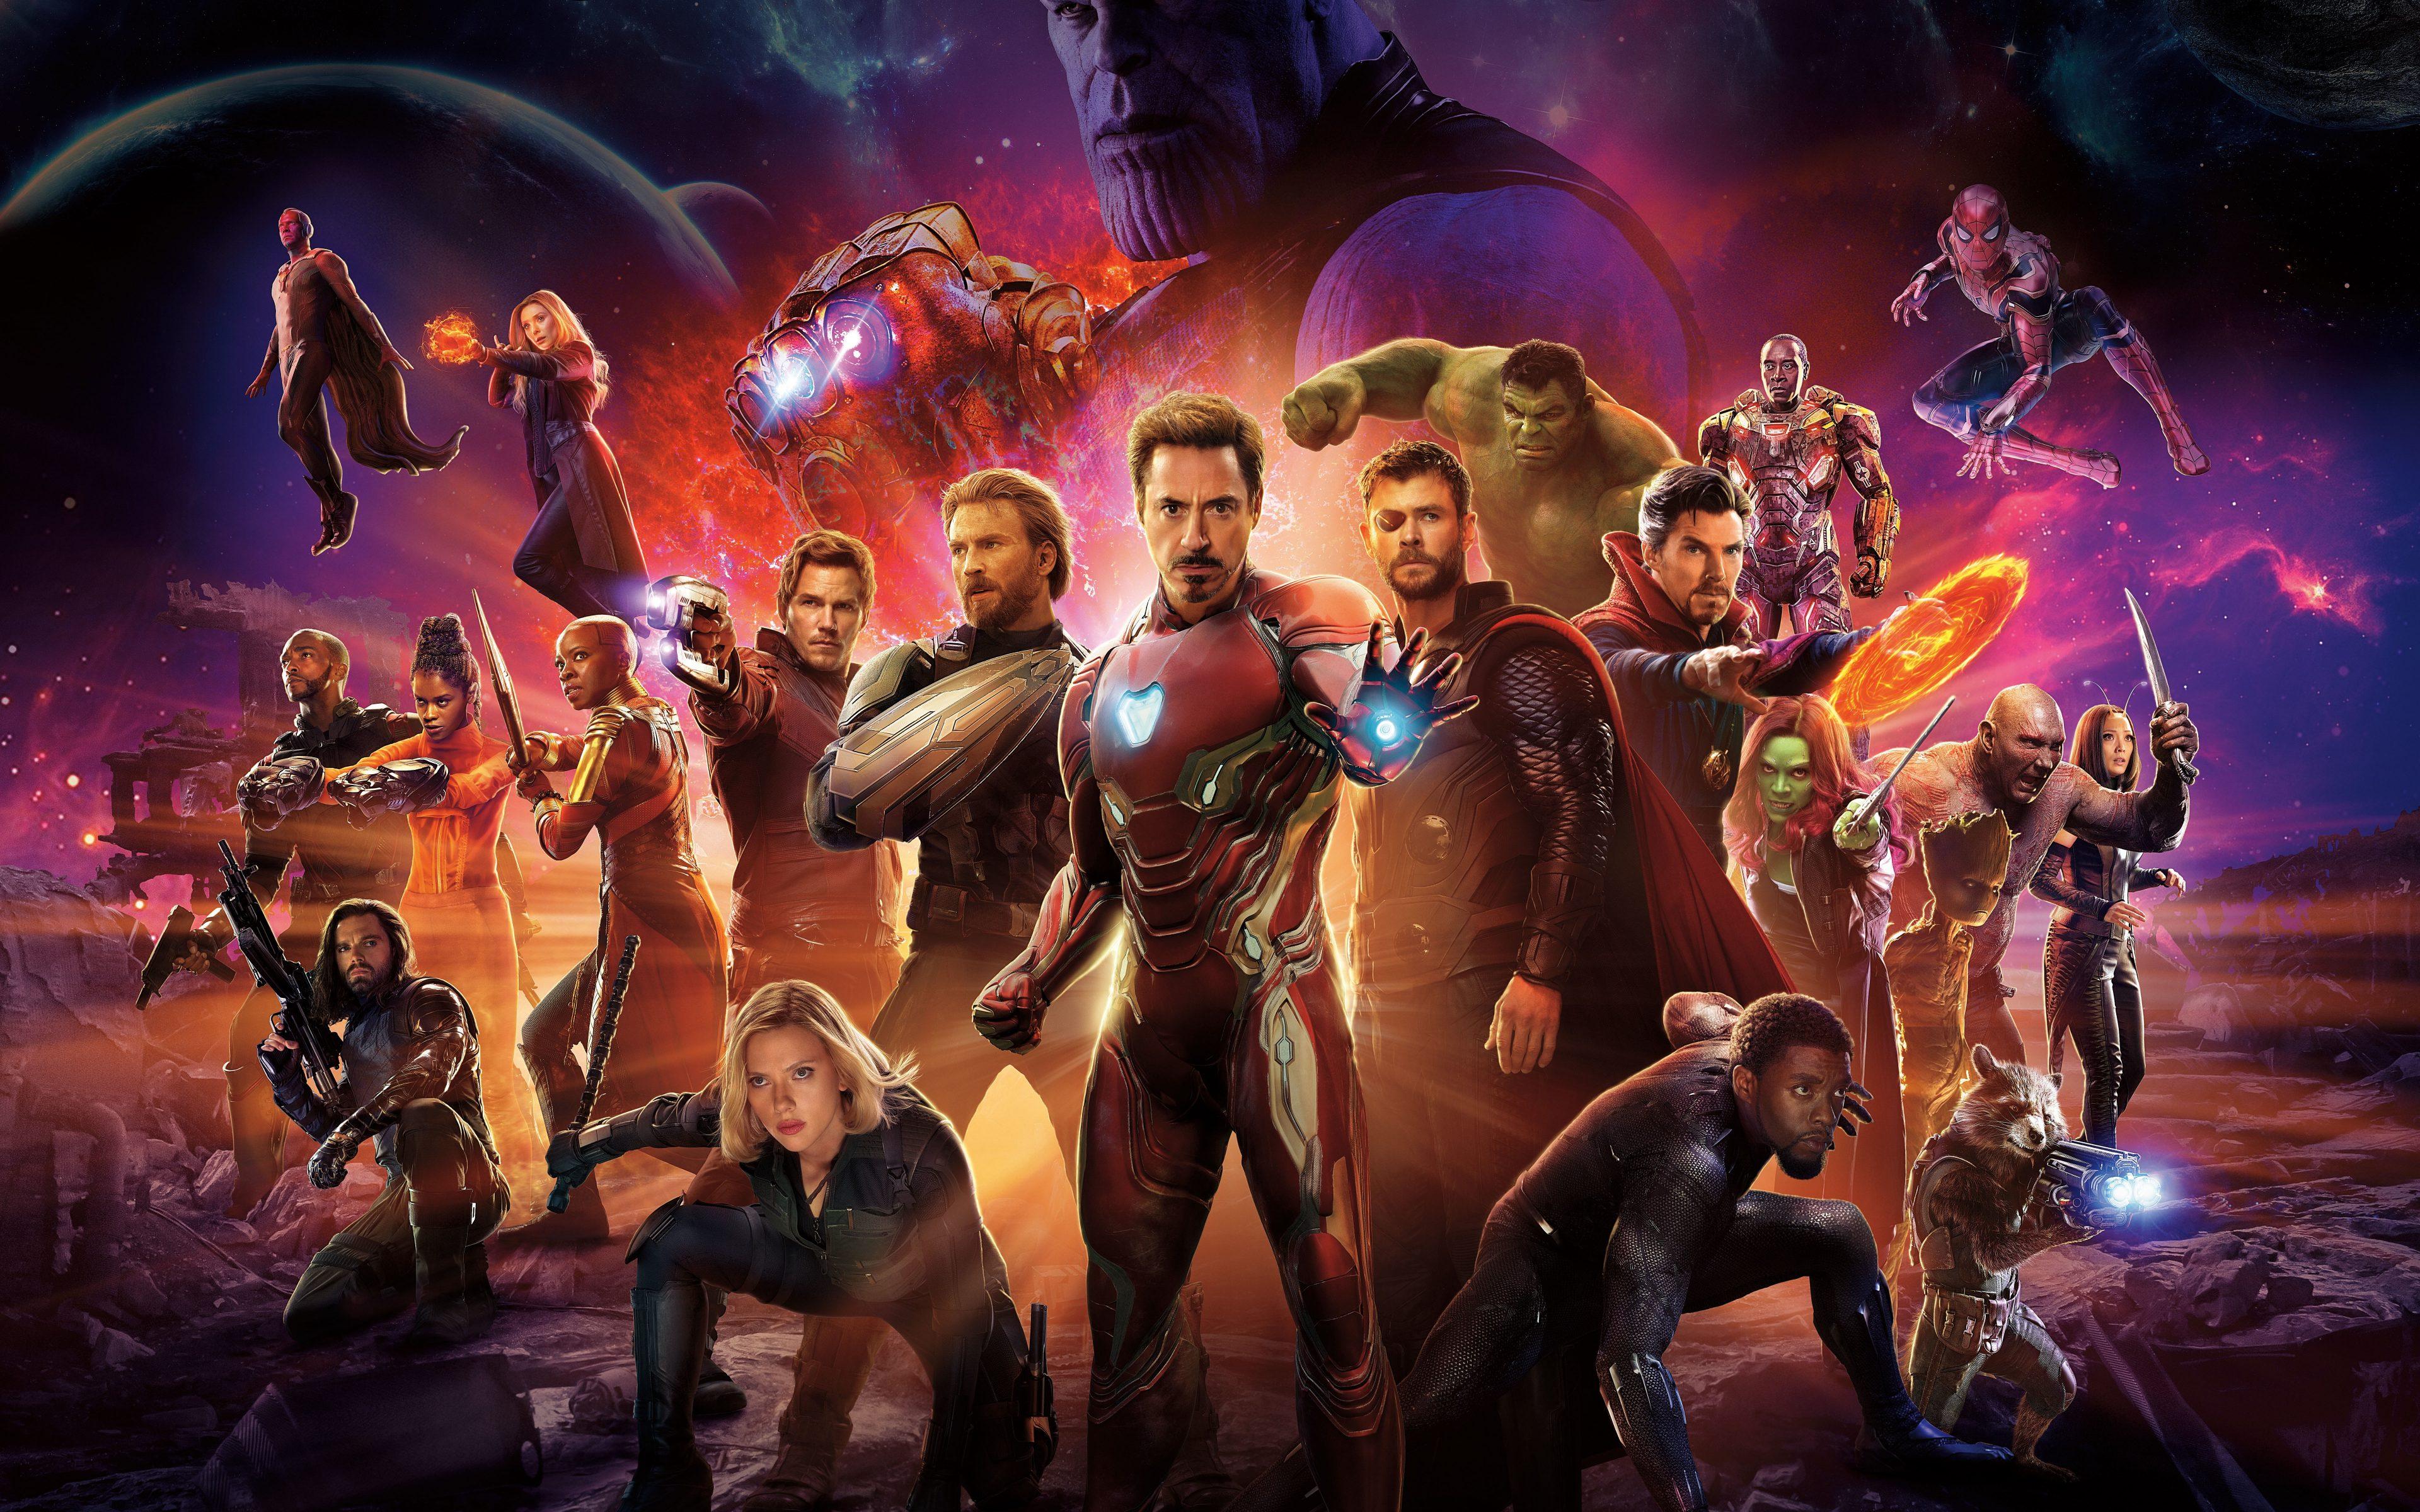 Avengers Infinity War 2018 Thanos 4k Uhd 3 2 3840x2560: Avengers: Infinity War (2018) 8K Ultra HD Wallpaper